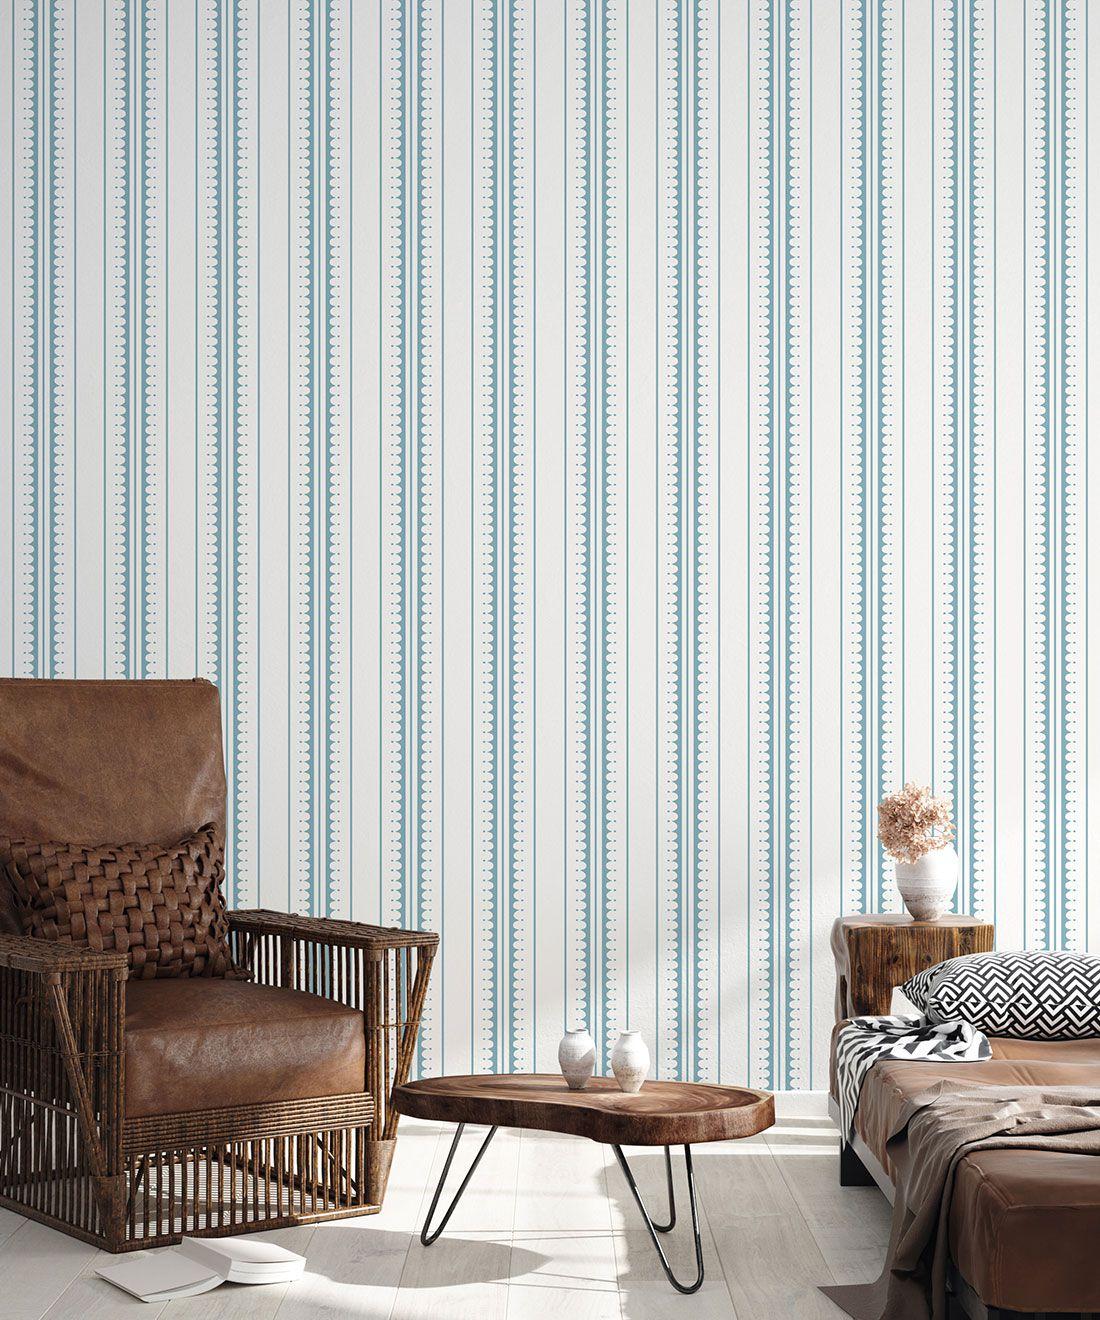 Coquille Wallpaper • Stripe and Scallop Wallpaper • Powder Blue • Insitu